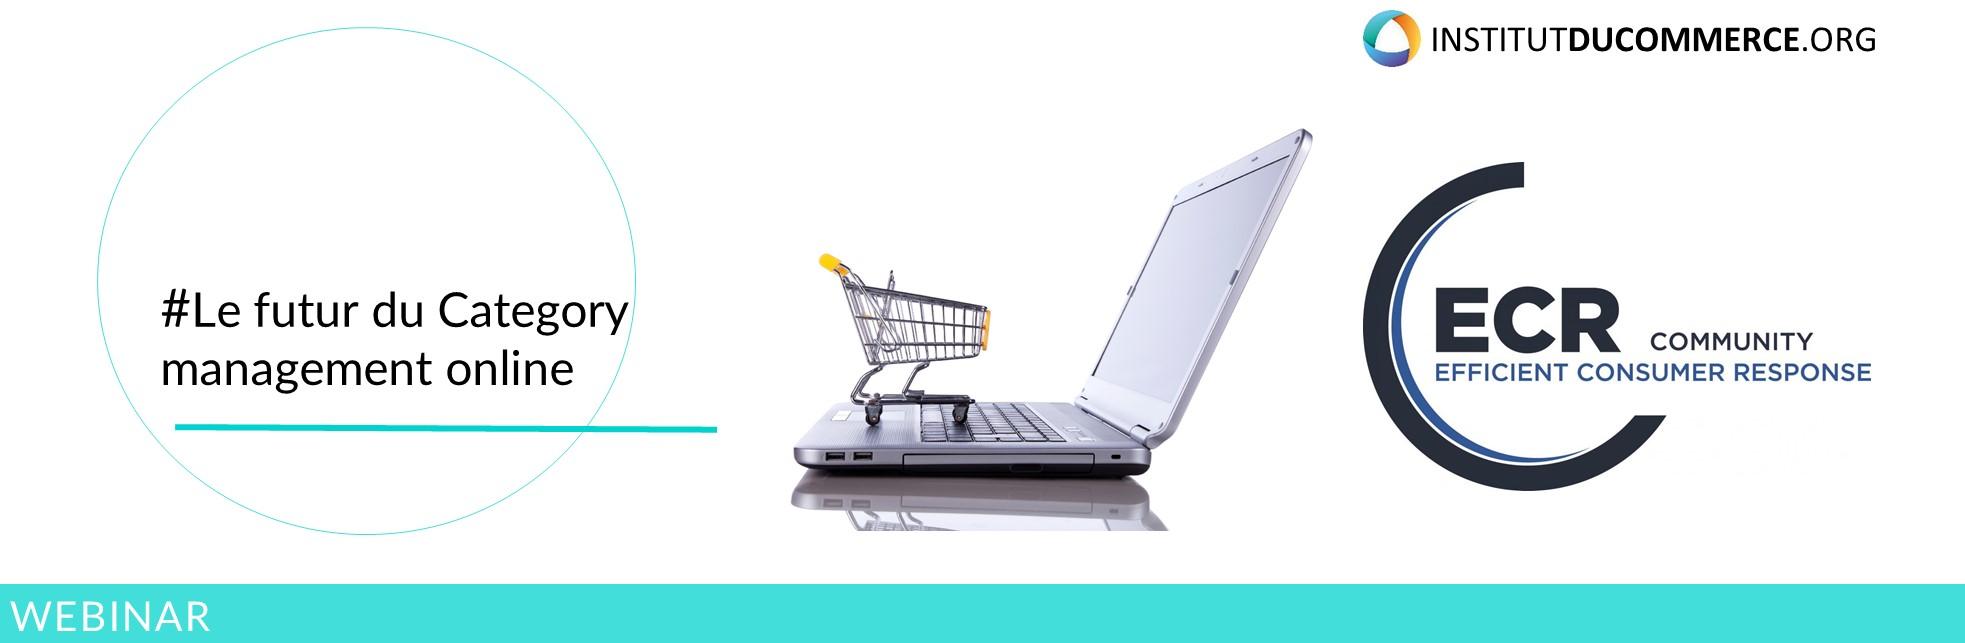 Webinar : le futur du category management online